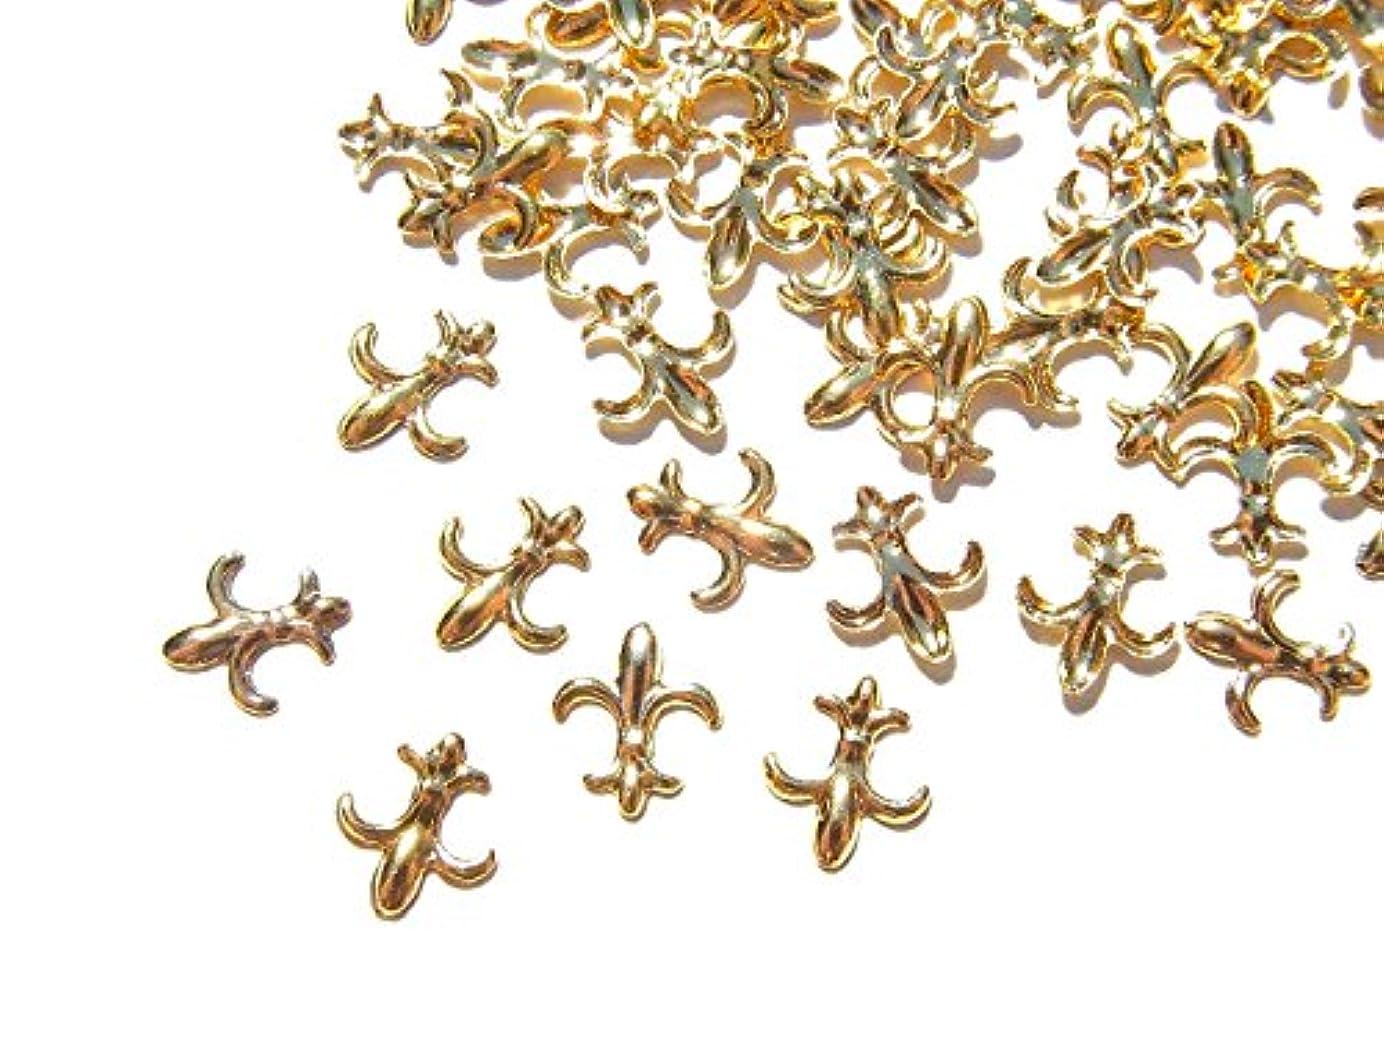 アルミニウムがっかりした気を散らす【jewel】ゴールド メタルパーツ フレア 10個入り 6mm×5mm 手芸 材料 レジン ネイルアート パーツ 素材